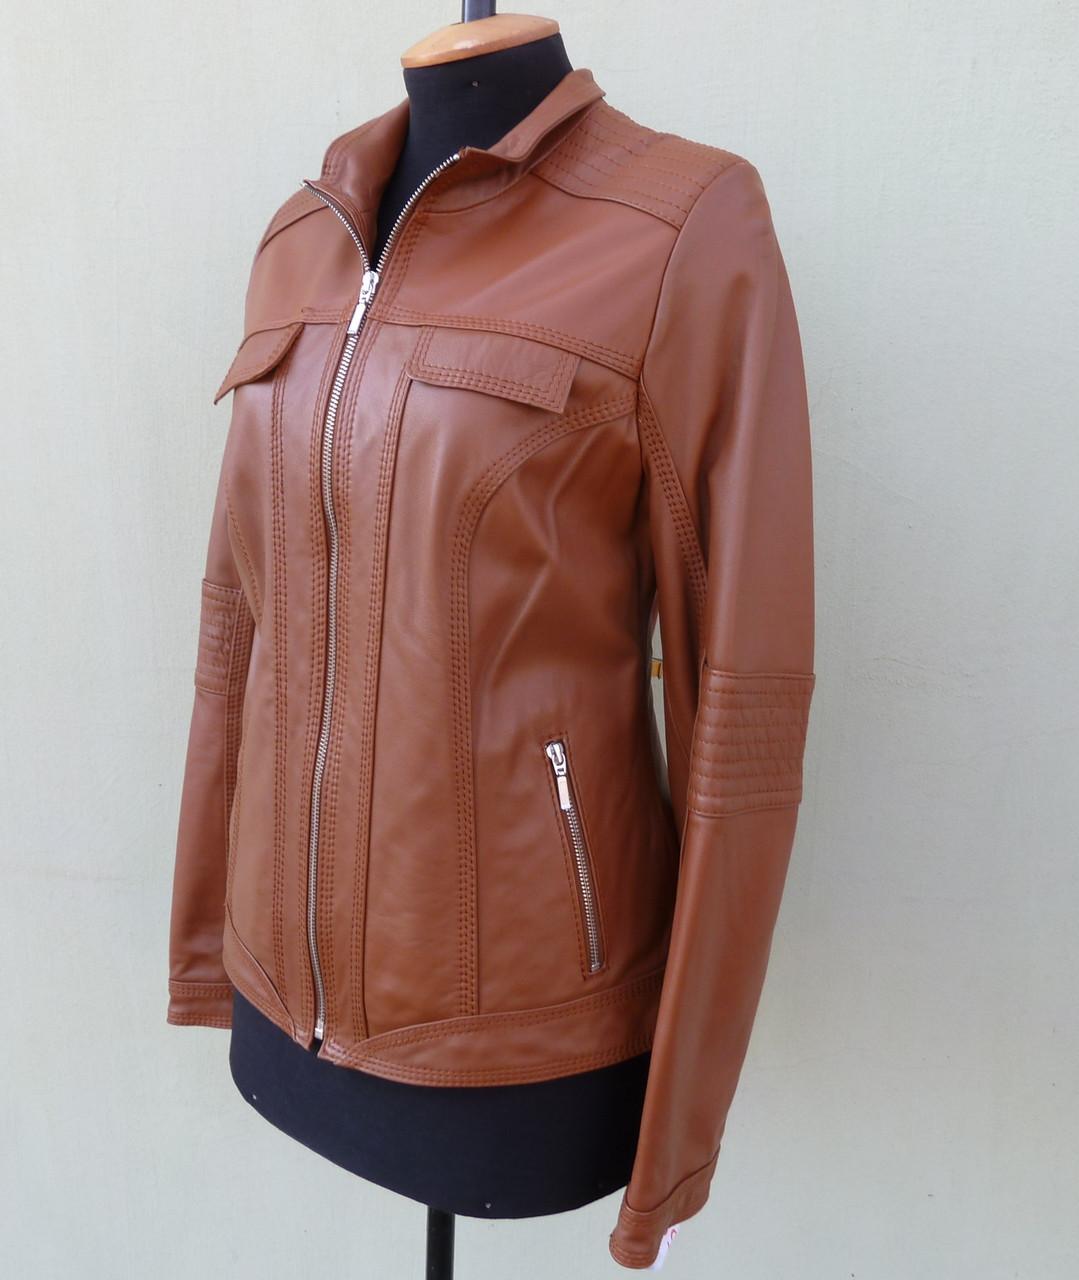 Куртка кожаная женская FESTA  размер XS, виски